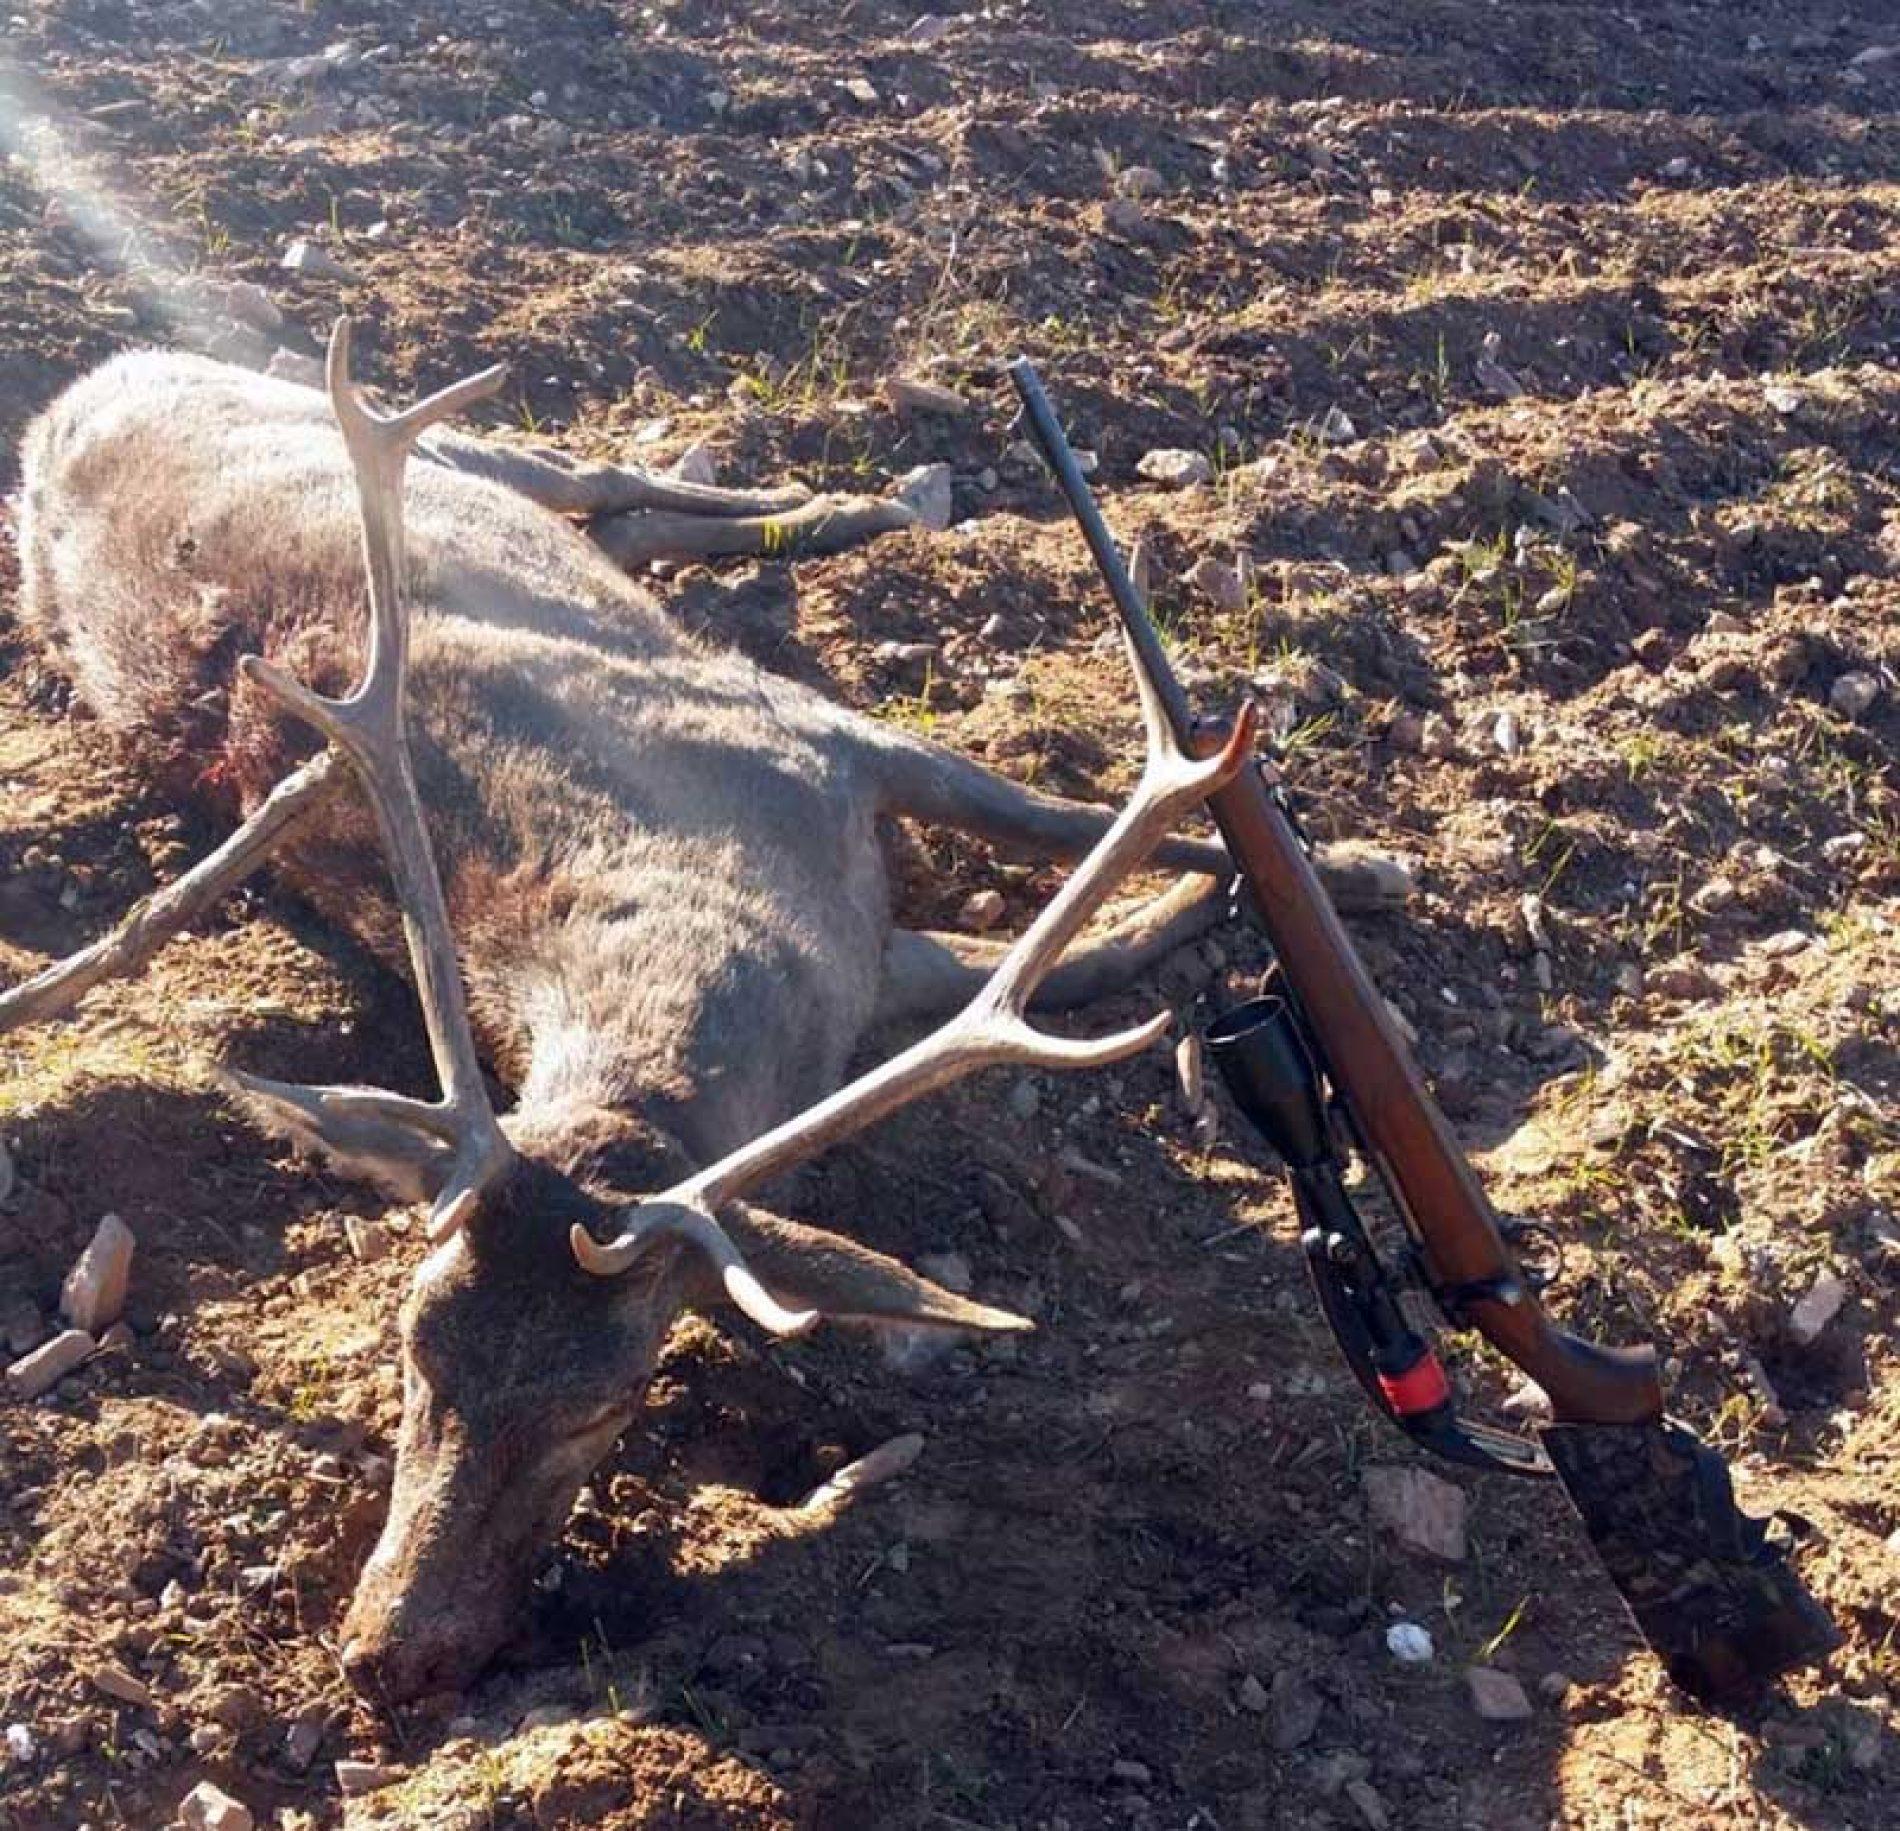 Muchos disparos fallados en la montería El Corcho